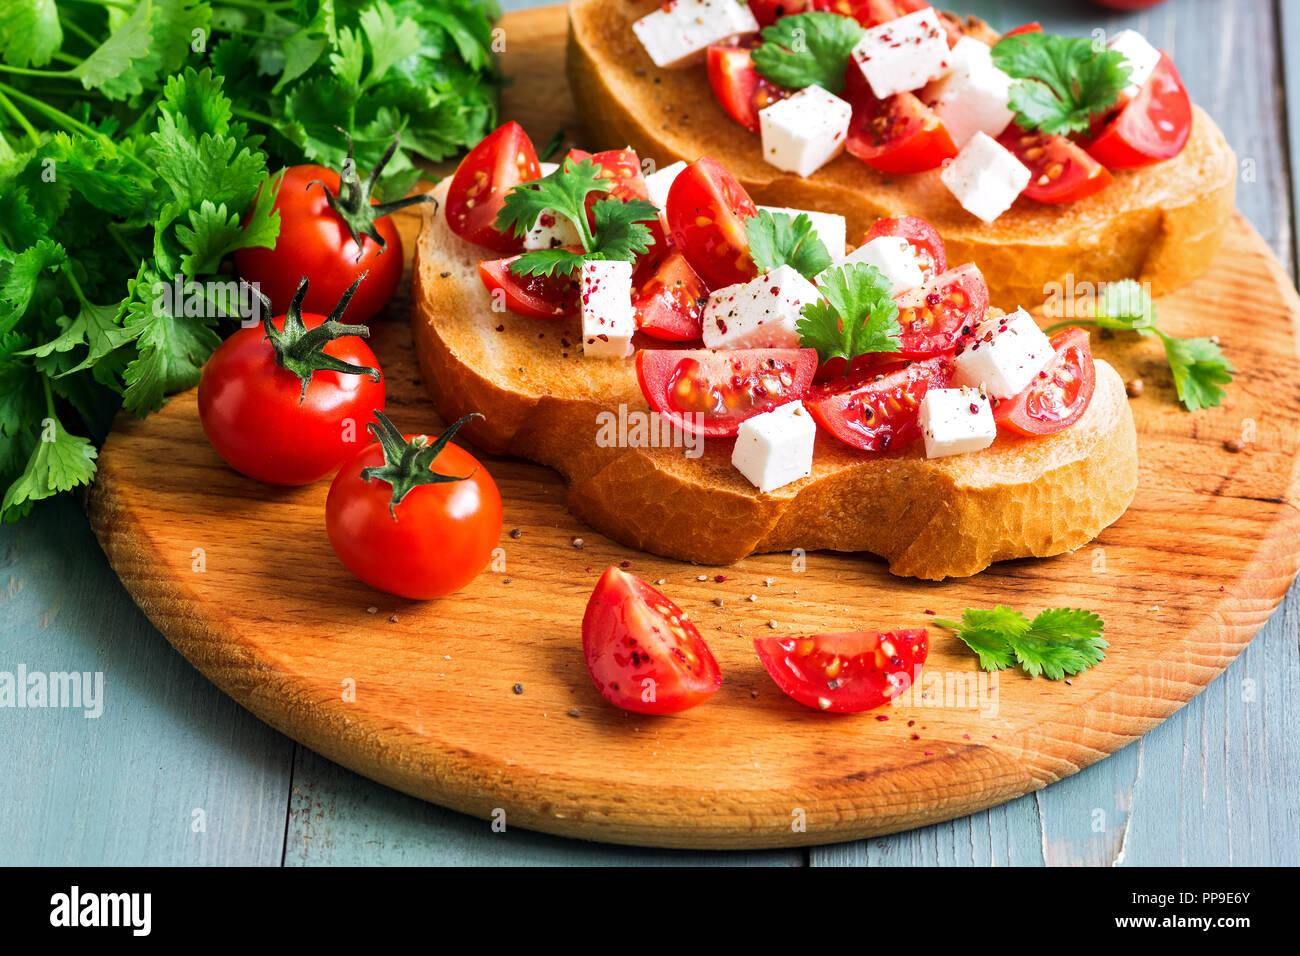 Bruschettas aux tomates, fromage et verts sur du pain grillé. Des plats italiens traditionnels. Selective focus Photo Stock